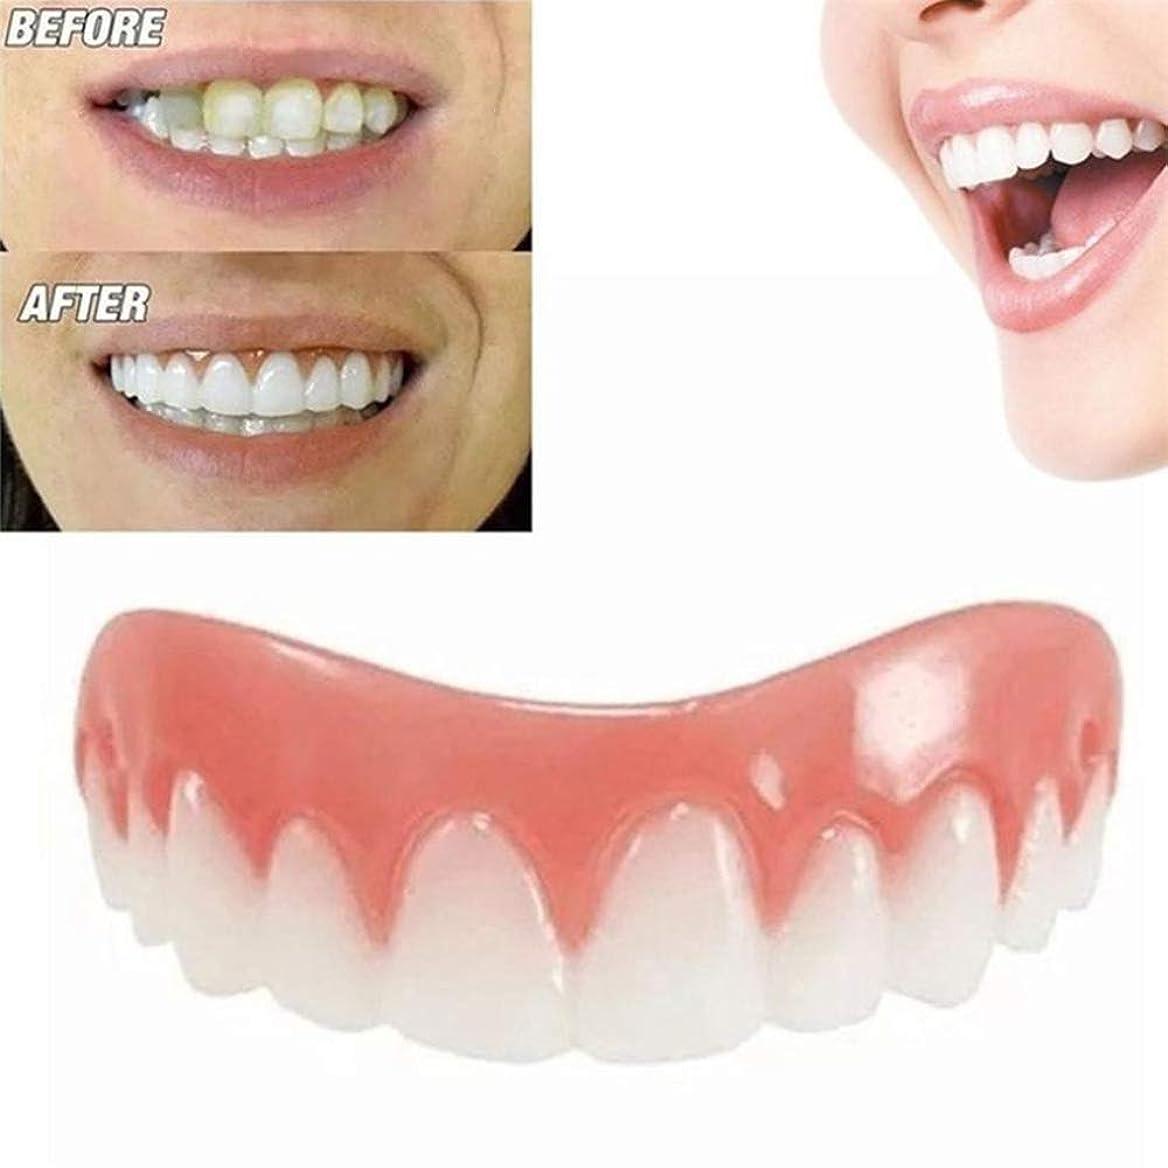 芽アーク確執シリコーンスマイルベニヤ偽の歯上偽の歯カバー悪い歯のための歯の修正のためにあなたに完璧な笑顔を与える - ワンサイズぴったり(30個)